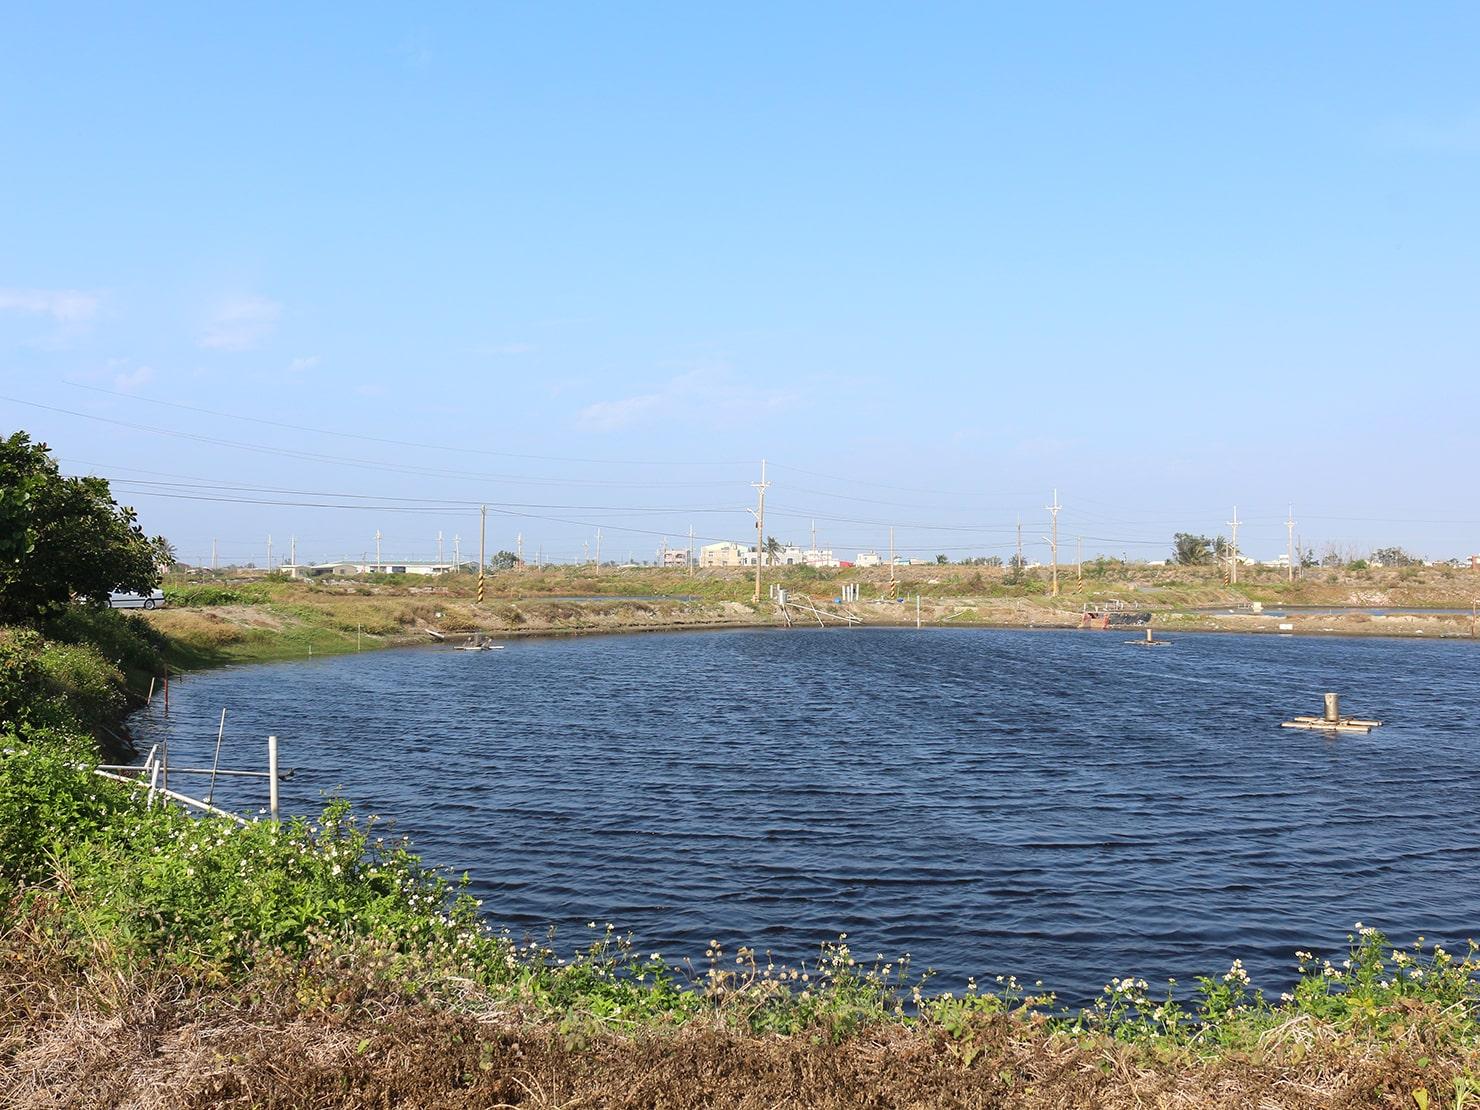 台南市街郊外のおすすめ観光スポット「台江國家公園」のため池